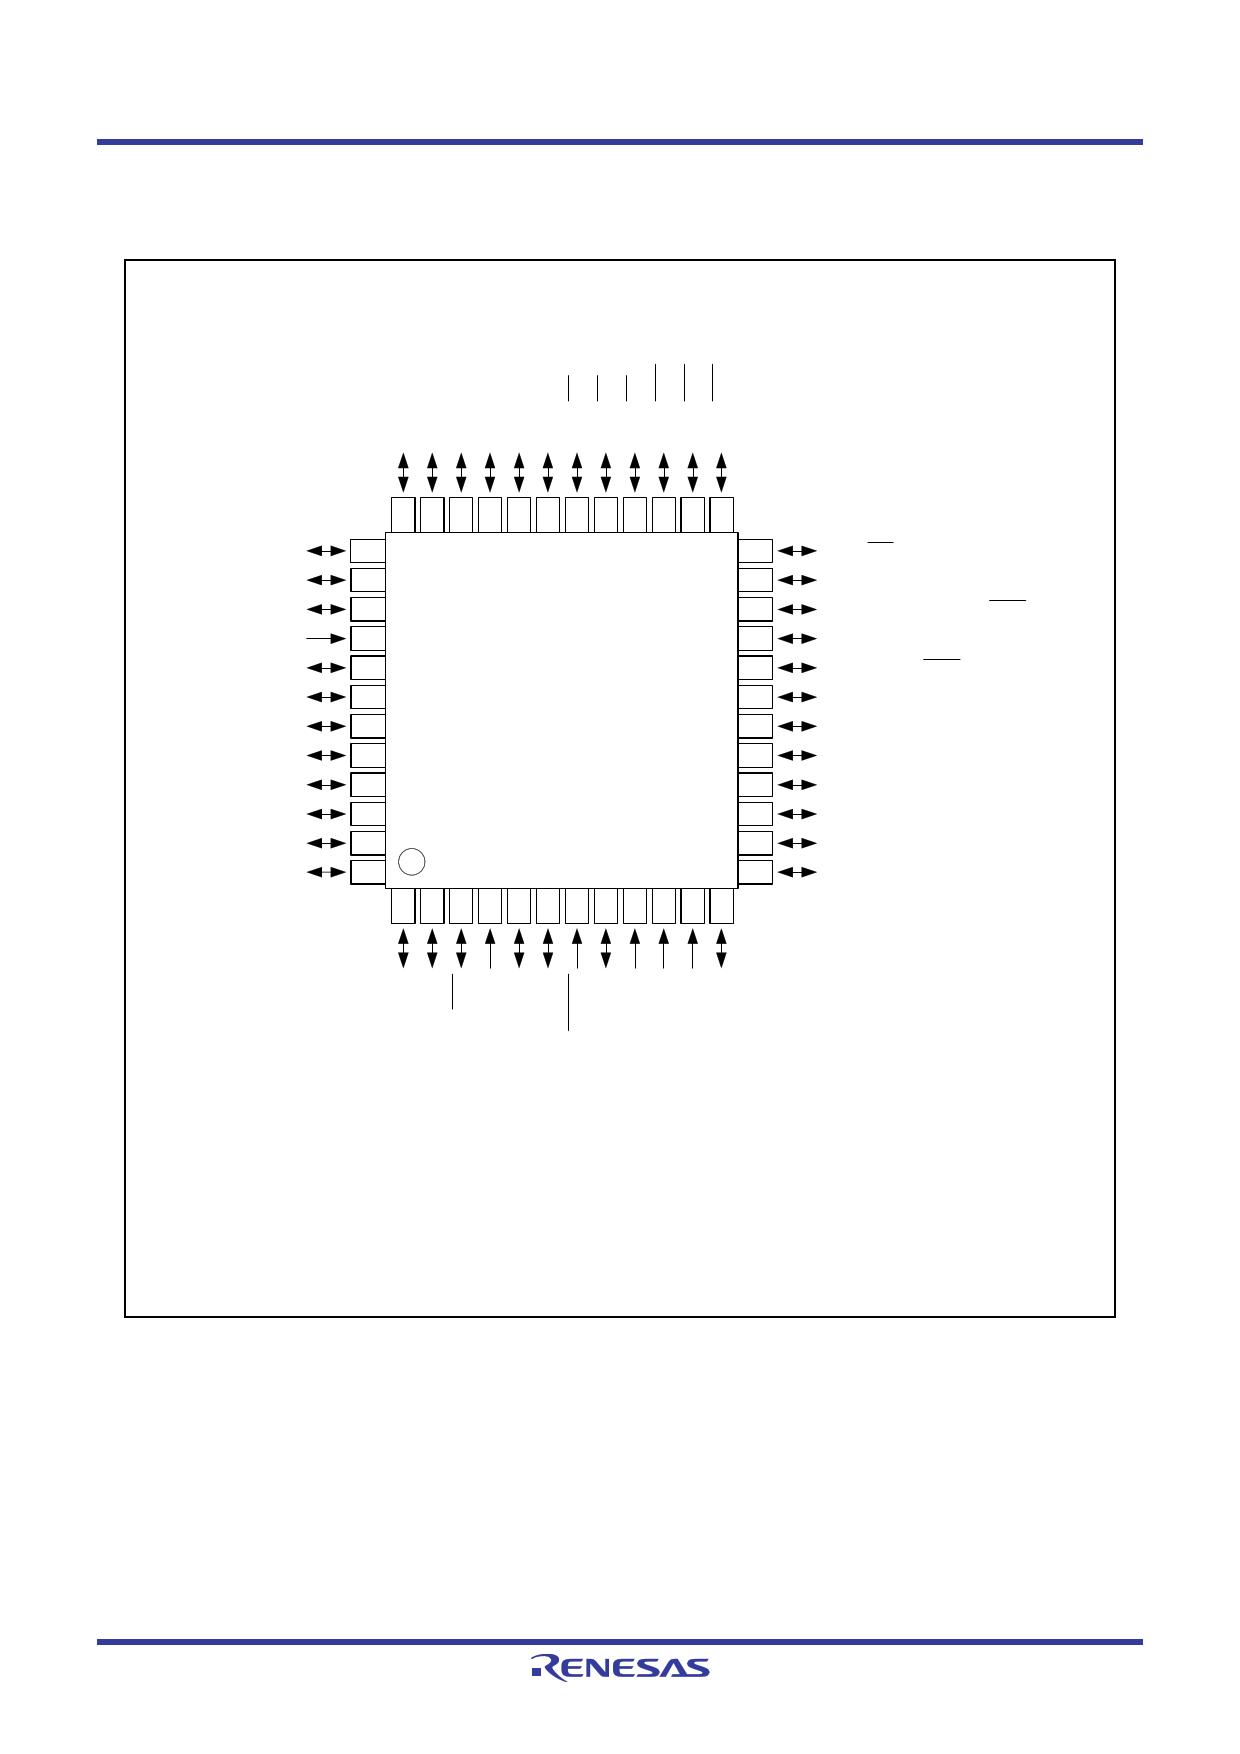 R5F21227DFP 전자부품, 판매, 대치품